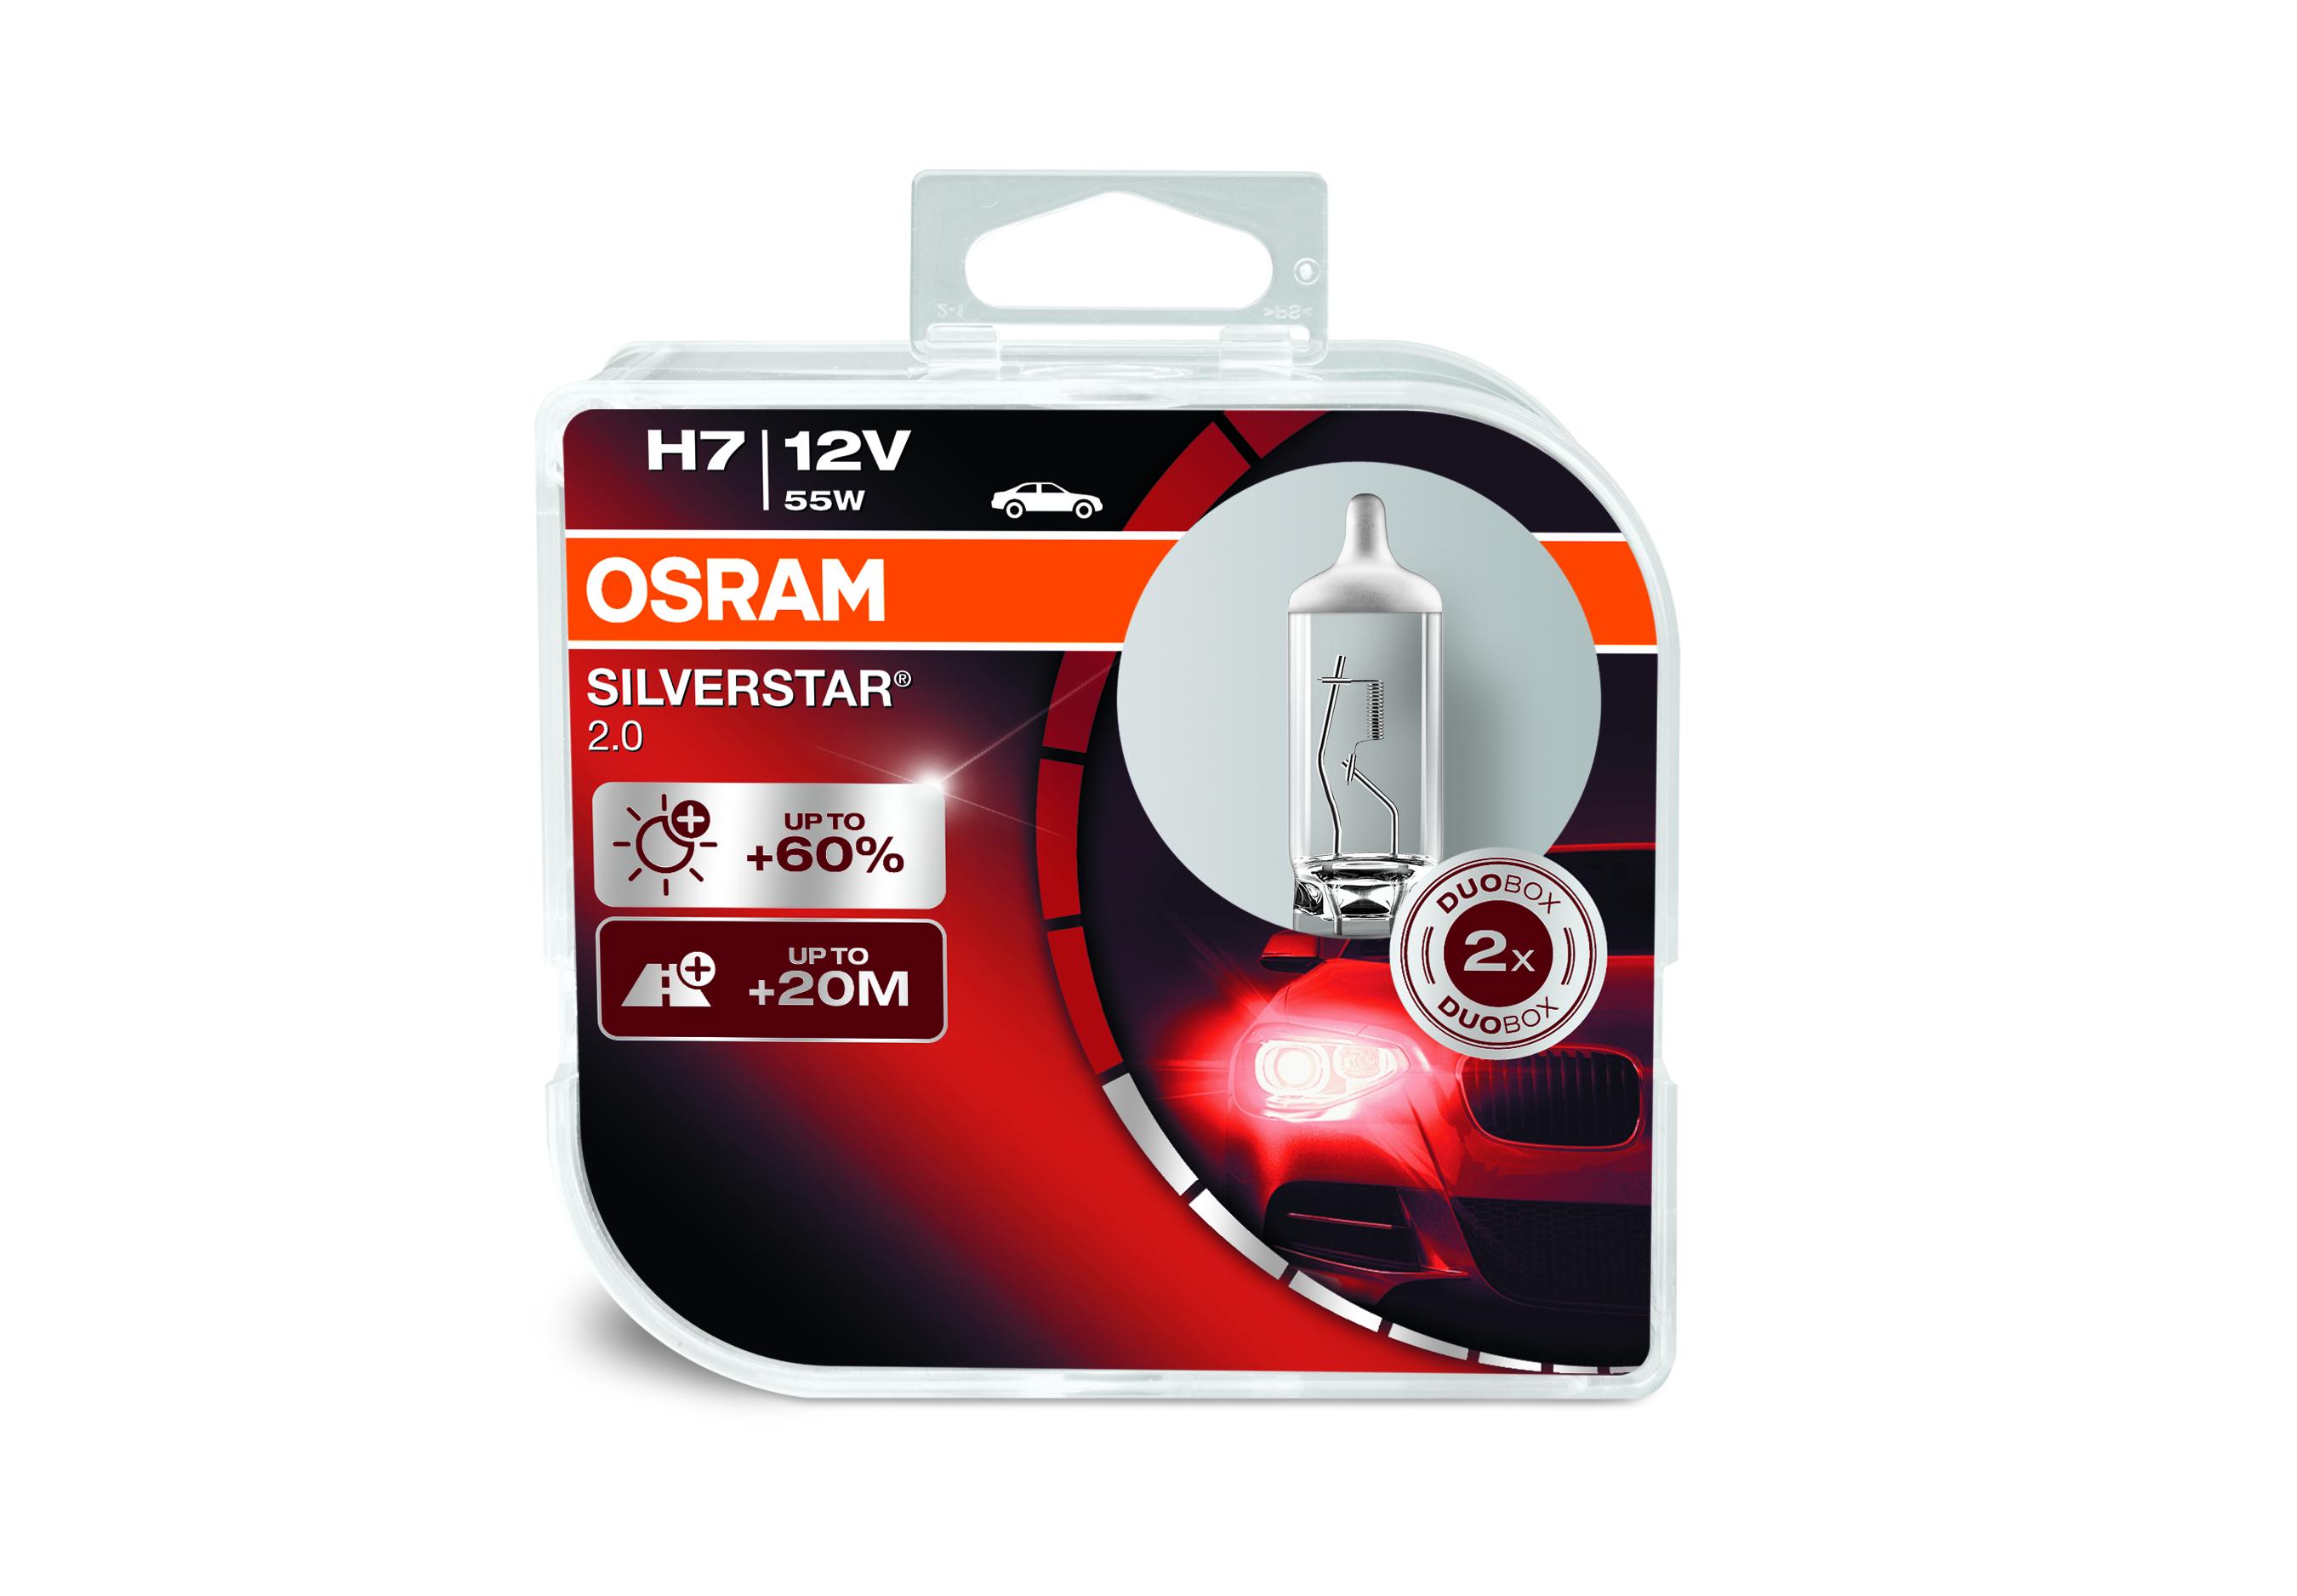 Osram halogenová žárovka, SILVERSTAR 2, H7, PX26d, 12V, 55W, 64210SV2-HCB